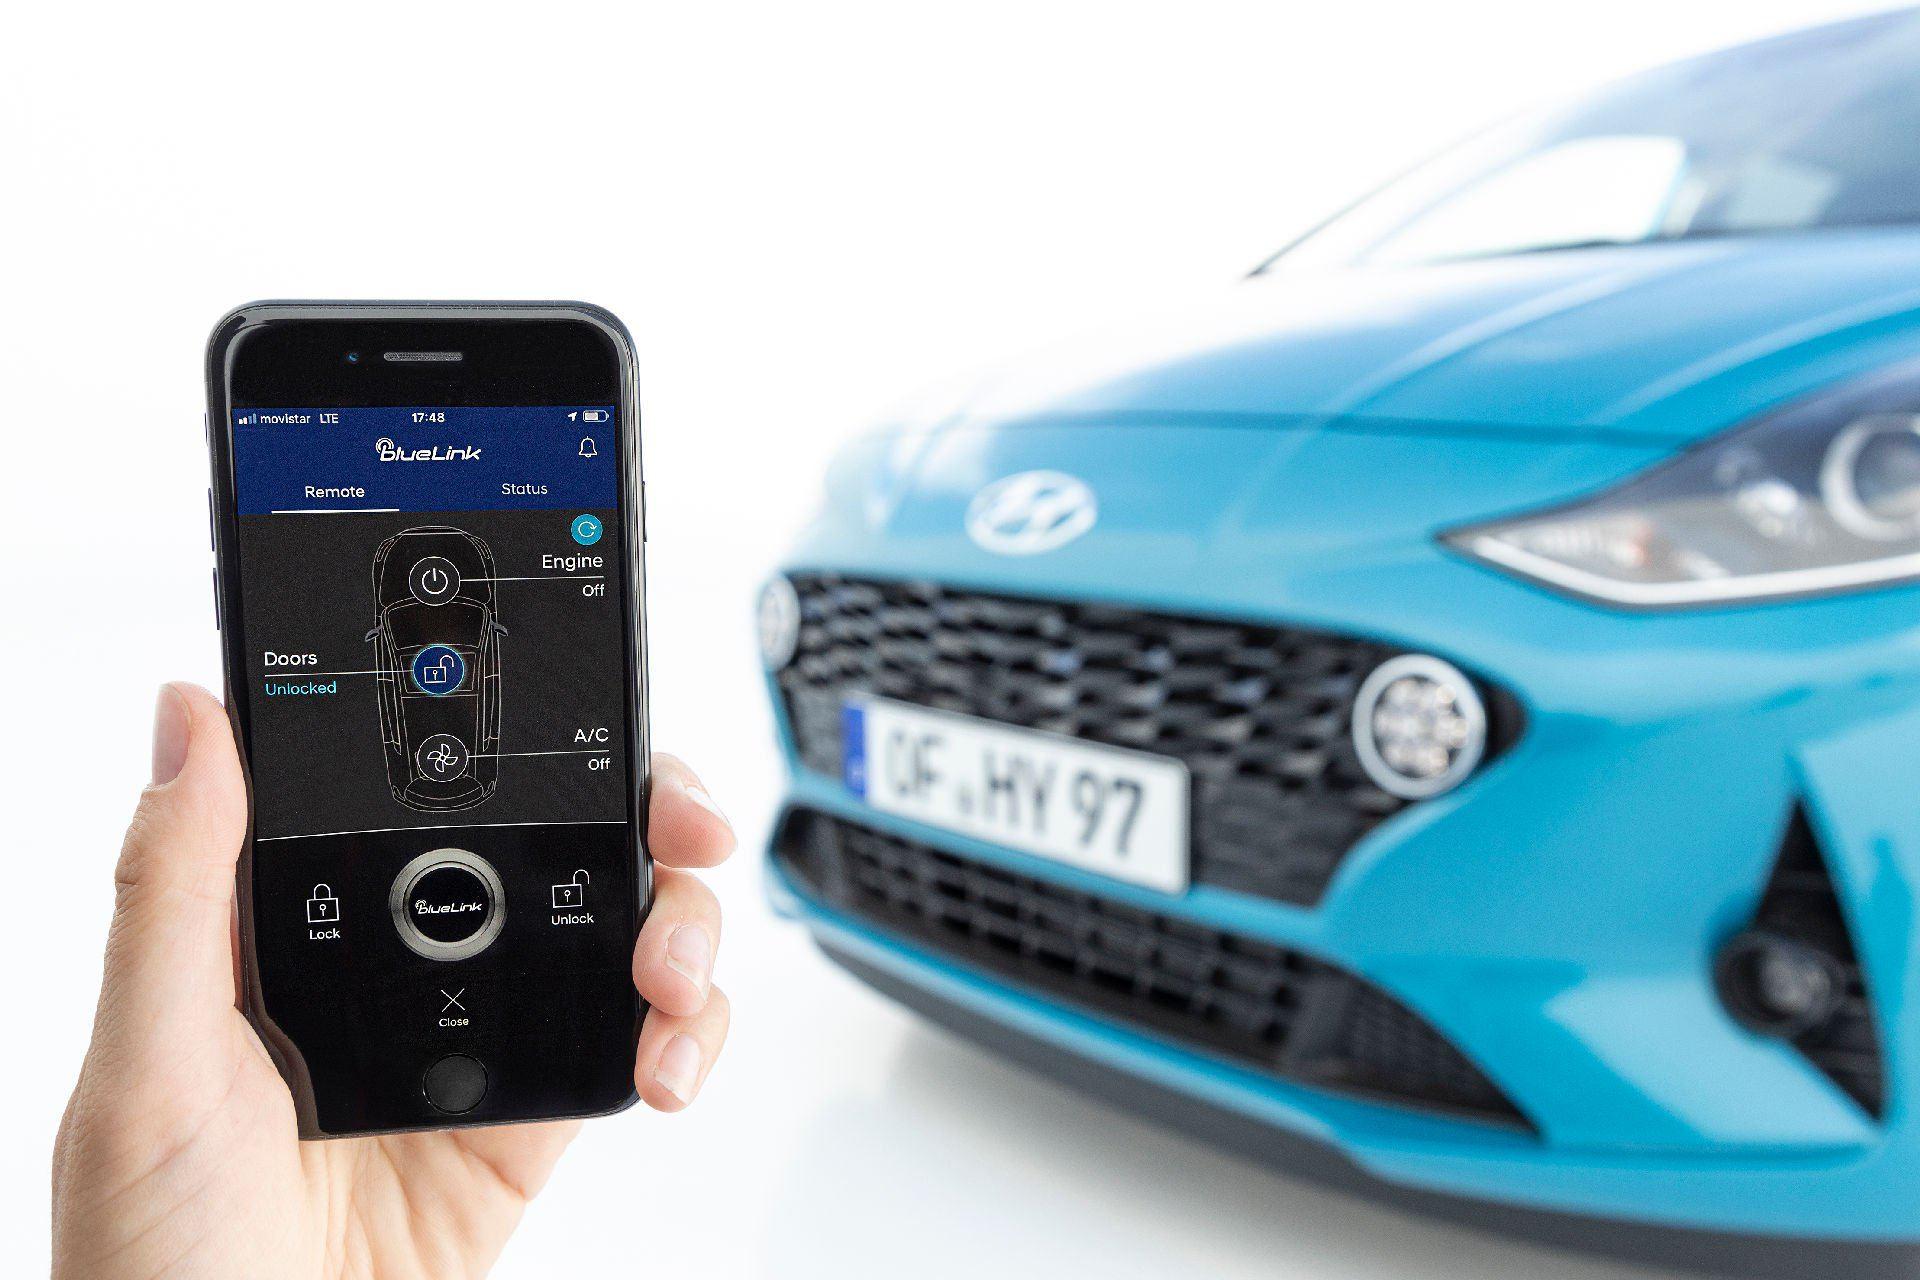 Hyundai i10 thế hệ mới sắp được ra mắt tại Frankfurt Motor Show 2019 - 15